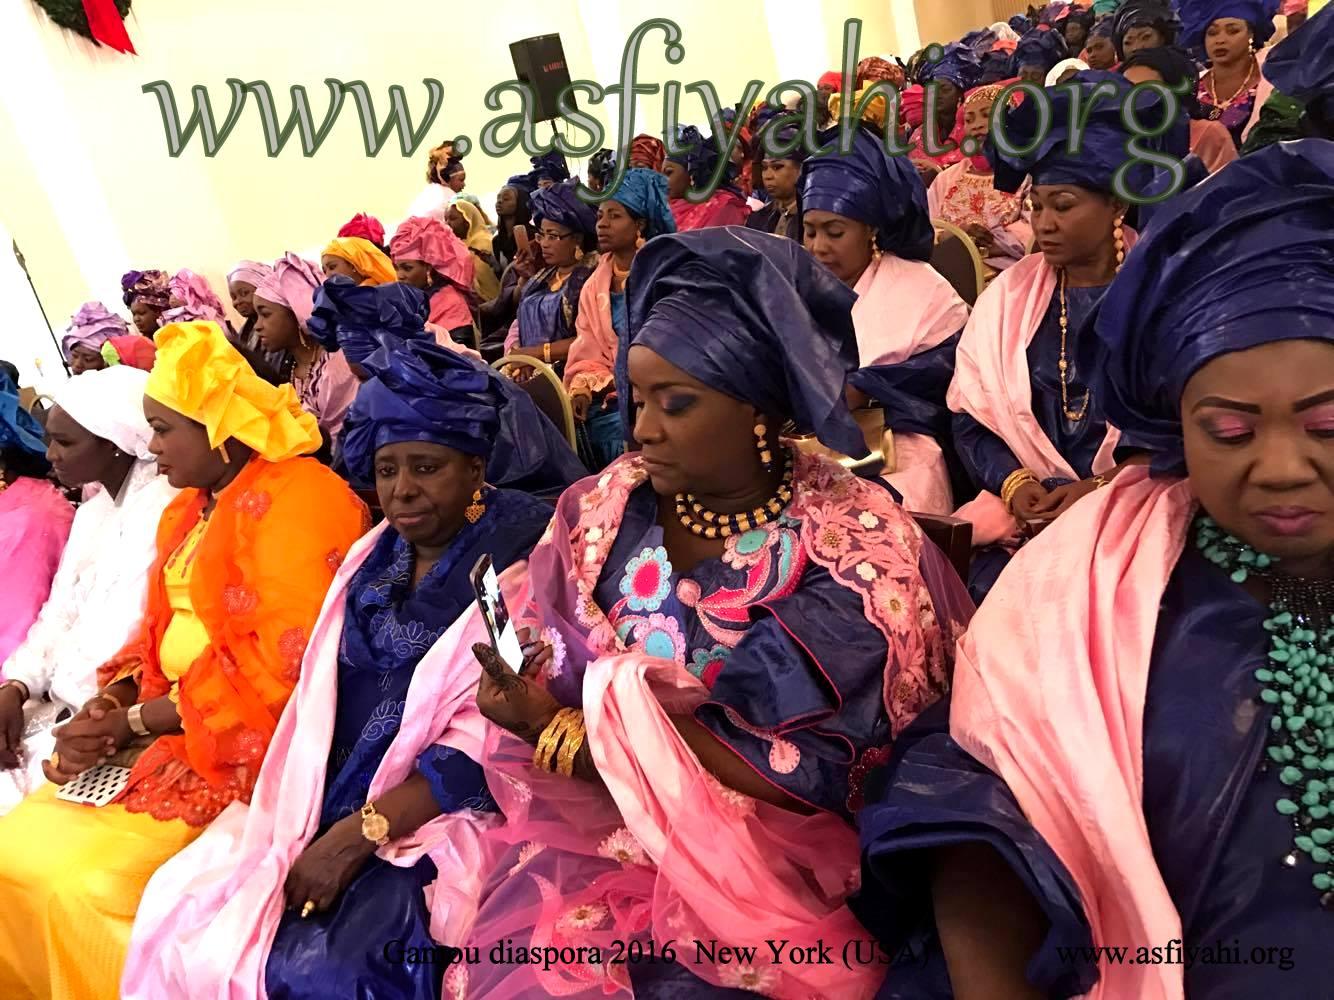 PHOTOS - GAMOU DANS LA DIASPORA - Les temps-forts du Gamou aux USA et en Europe